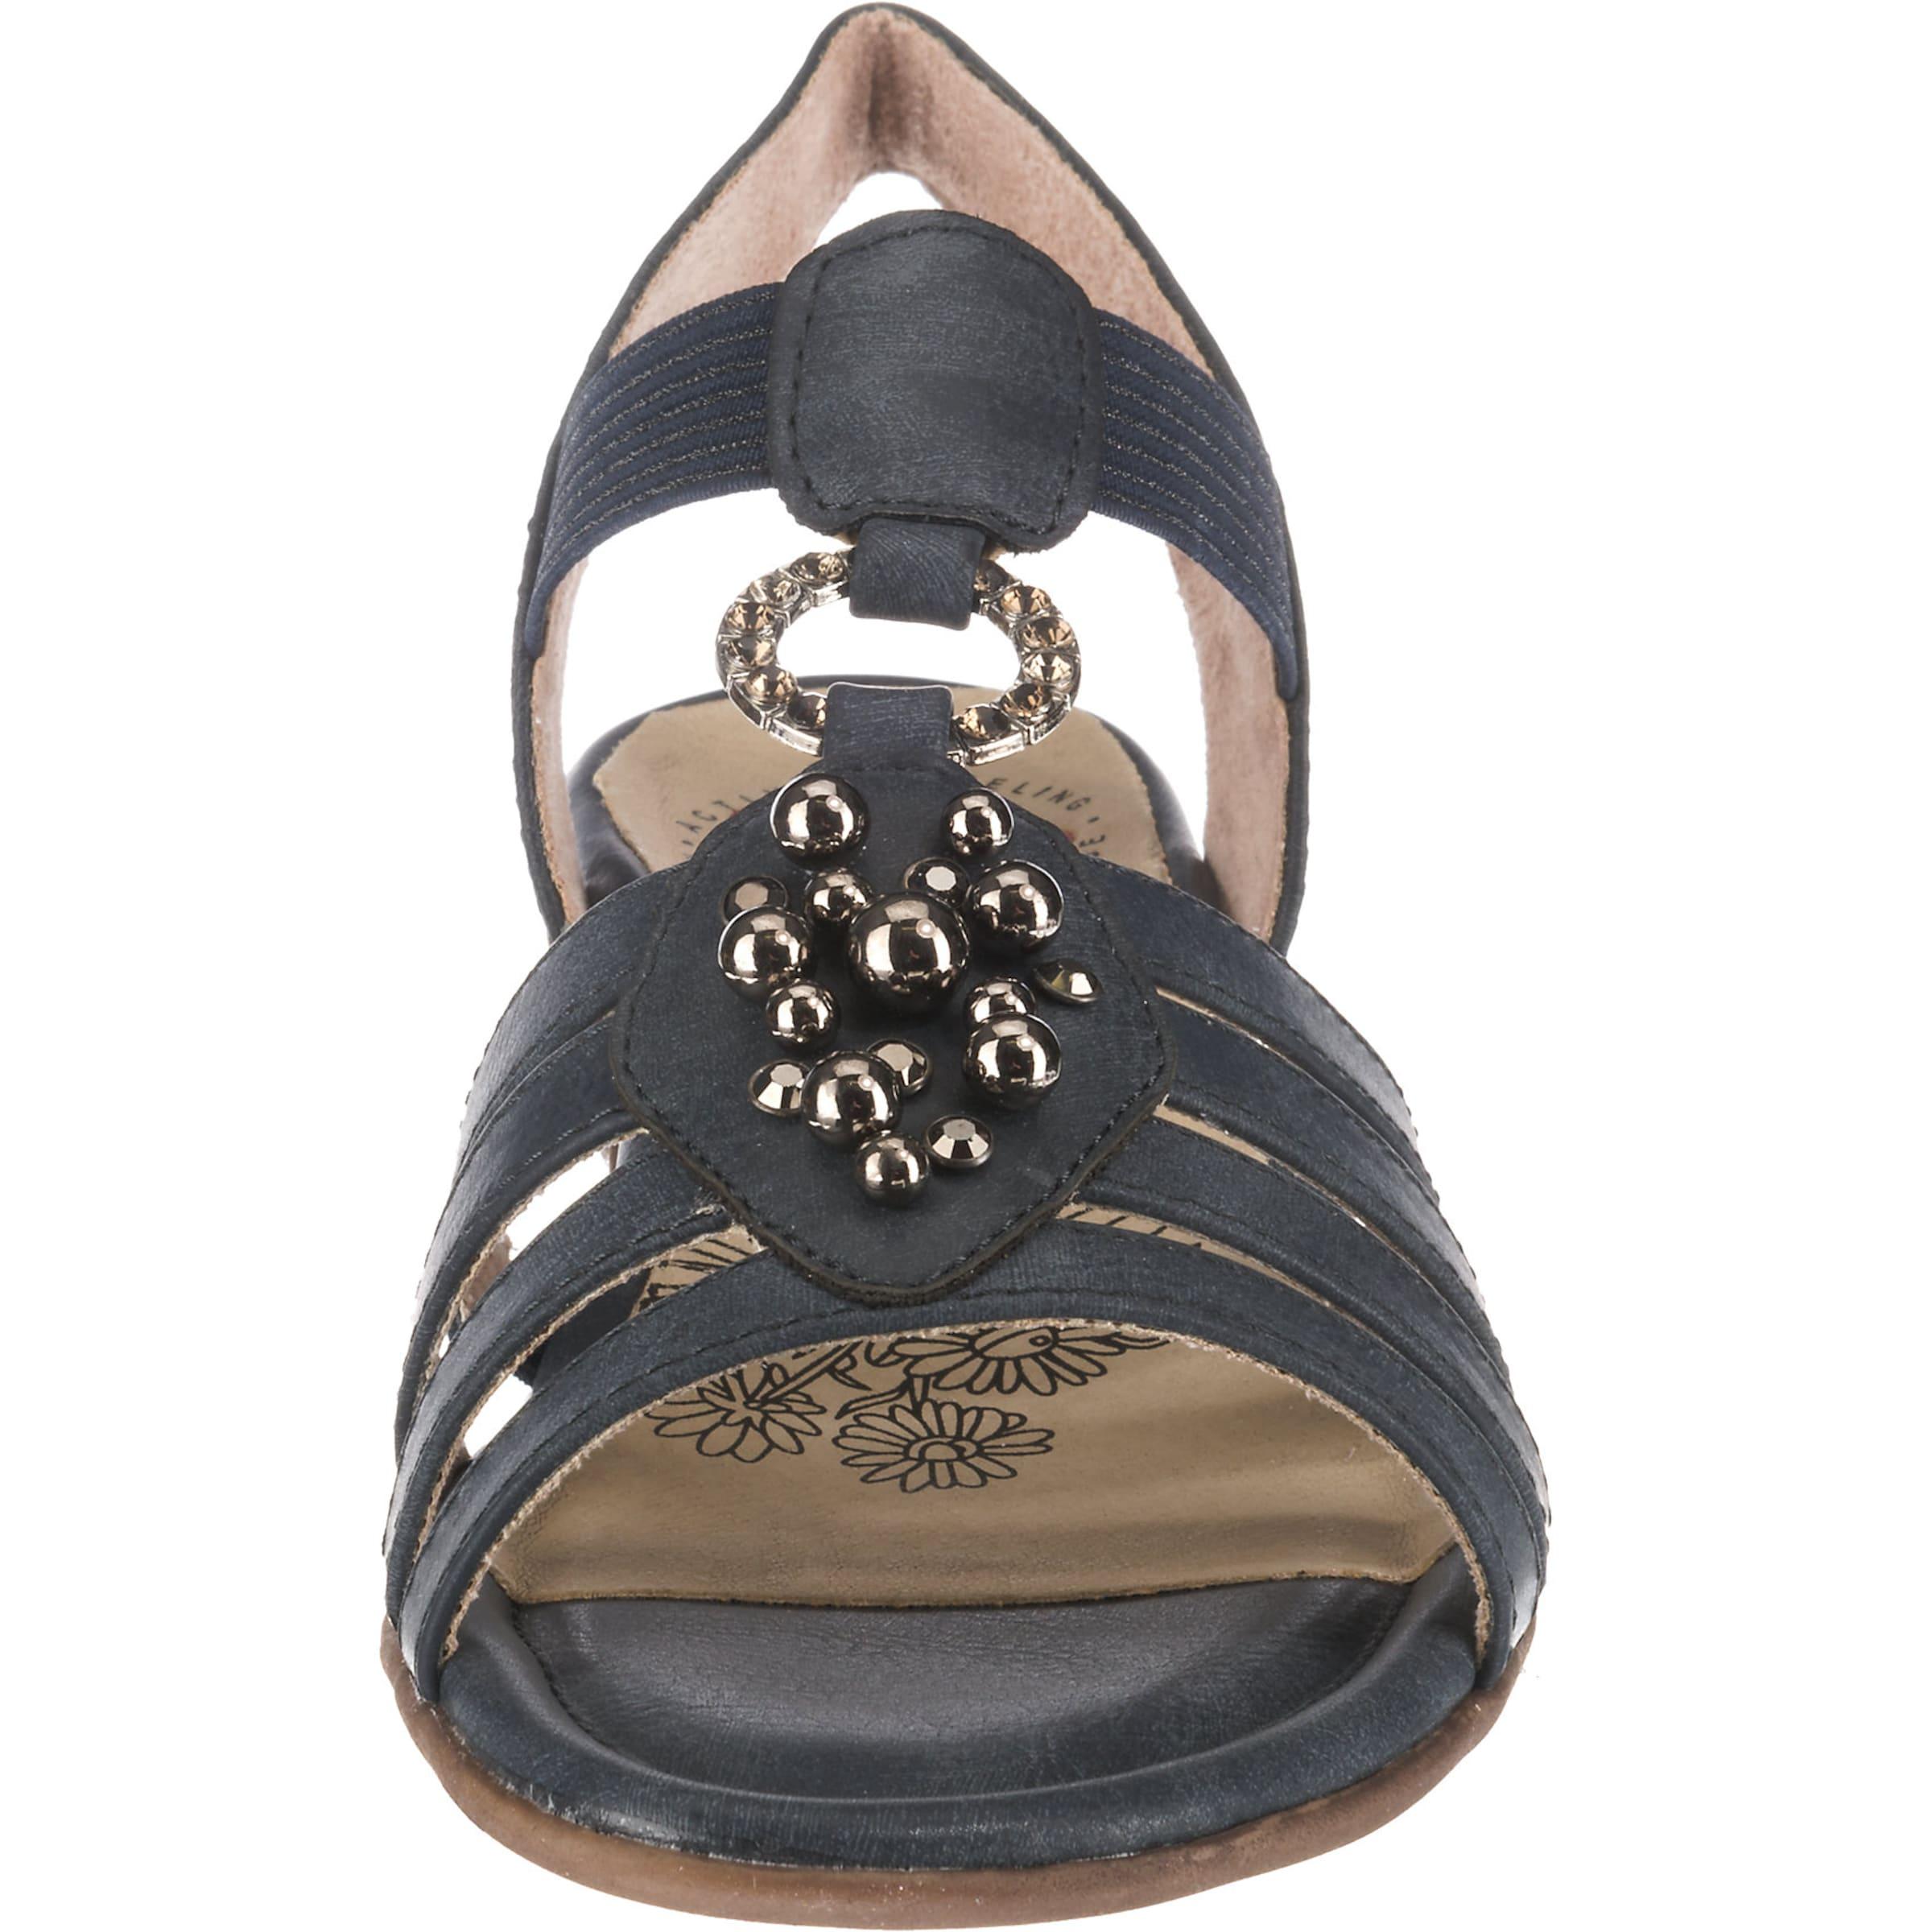 Klassische Sandalen In Sandalen In In Dunkelblau Relife Sandalen Relife Dunkelblau Klassische Klassische Relife IvbfY67yg